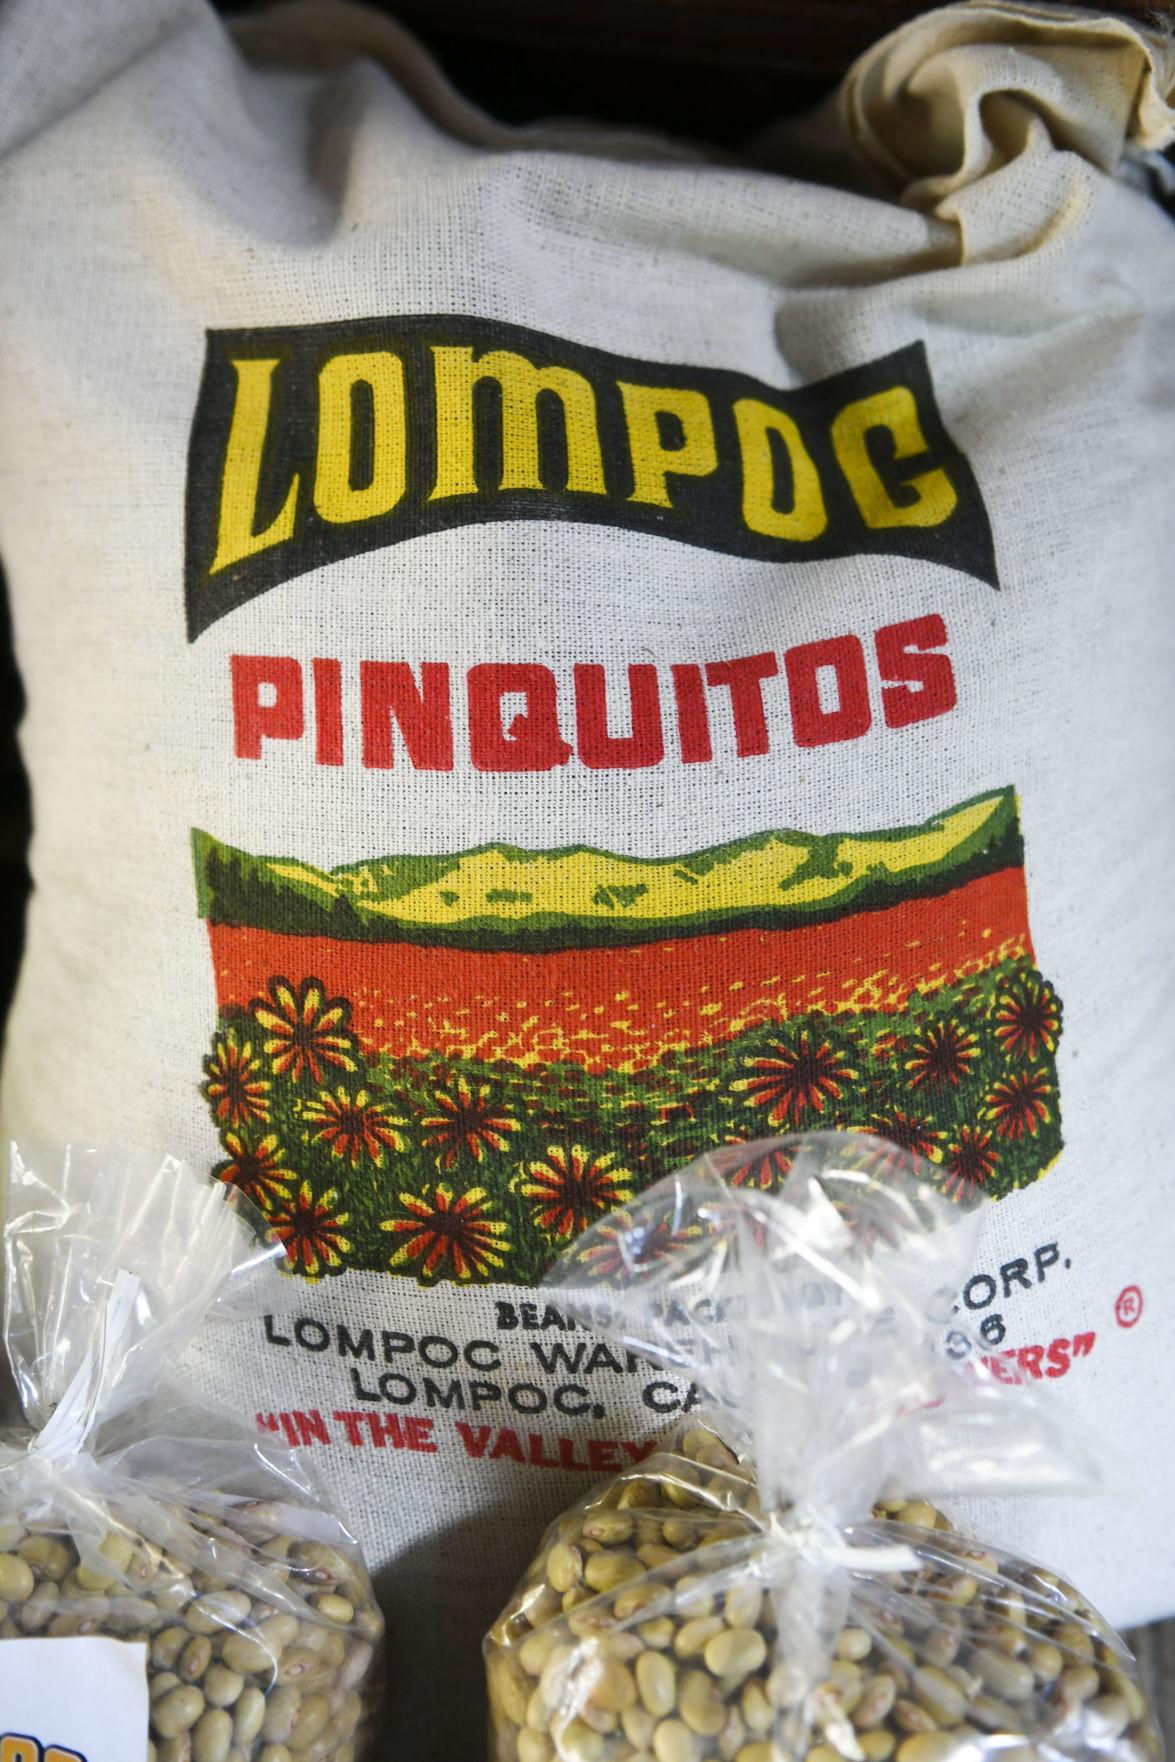 Lompoc beans